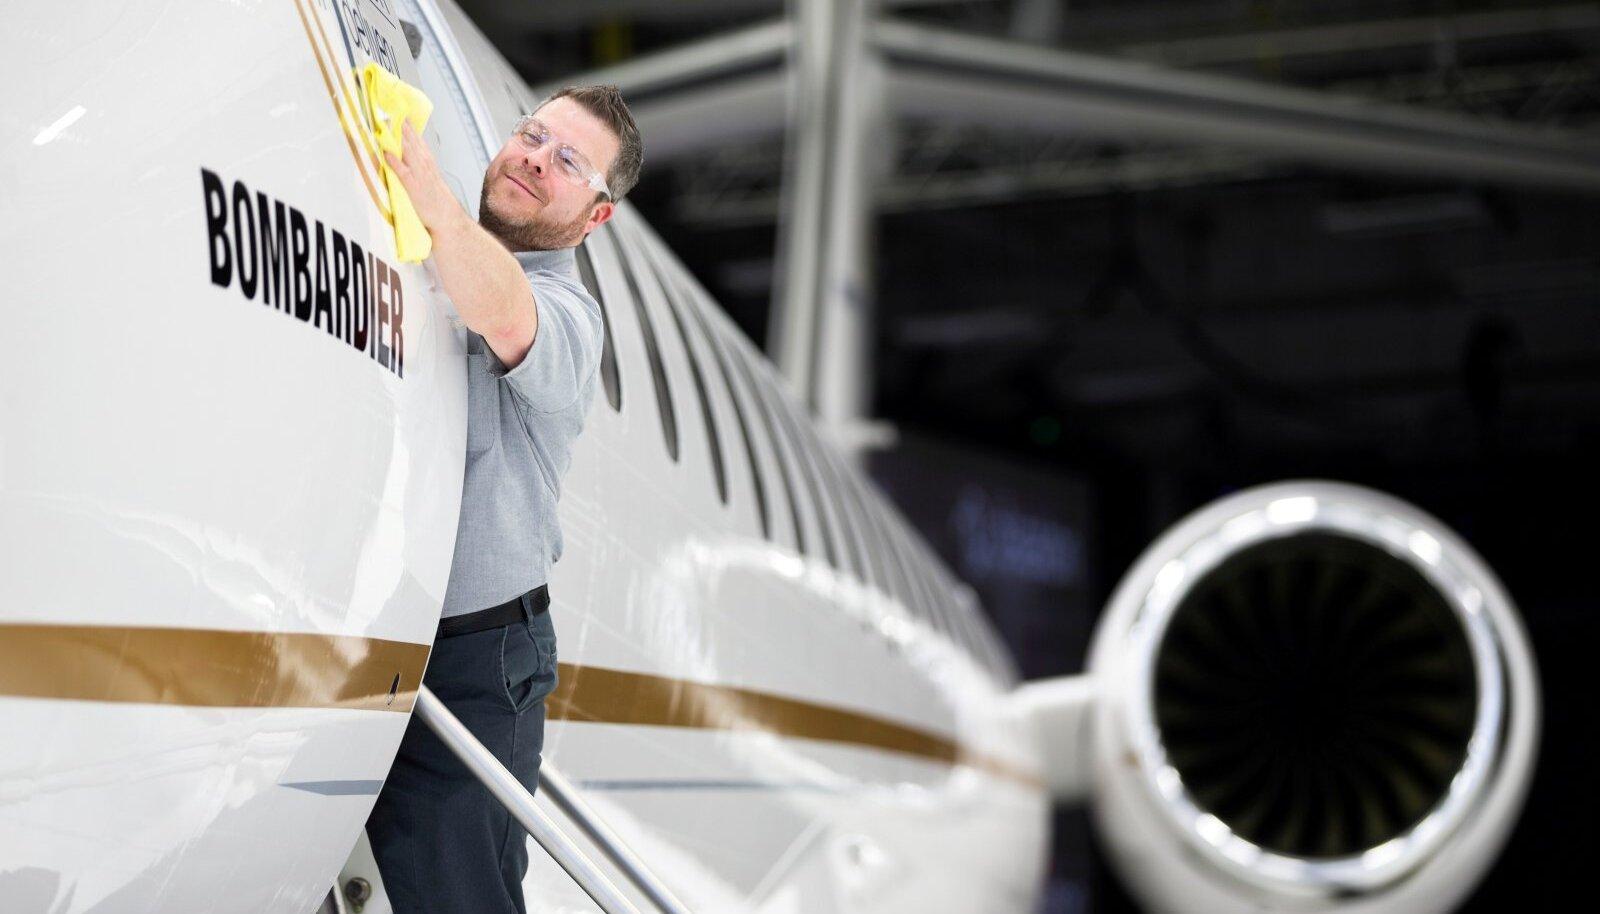 Esimene Bombardier Global 7500 valmis 2018. aasta detsembris.